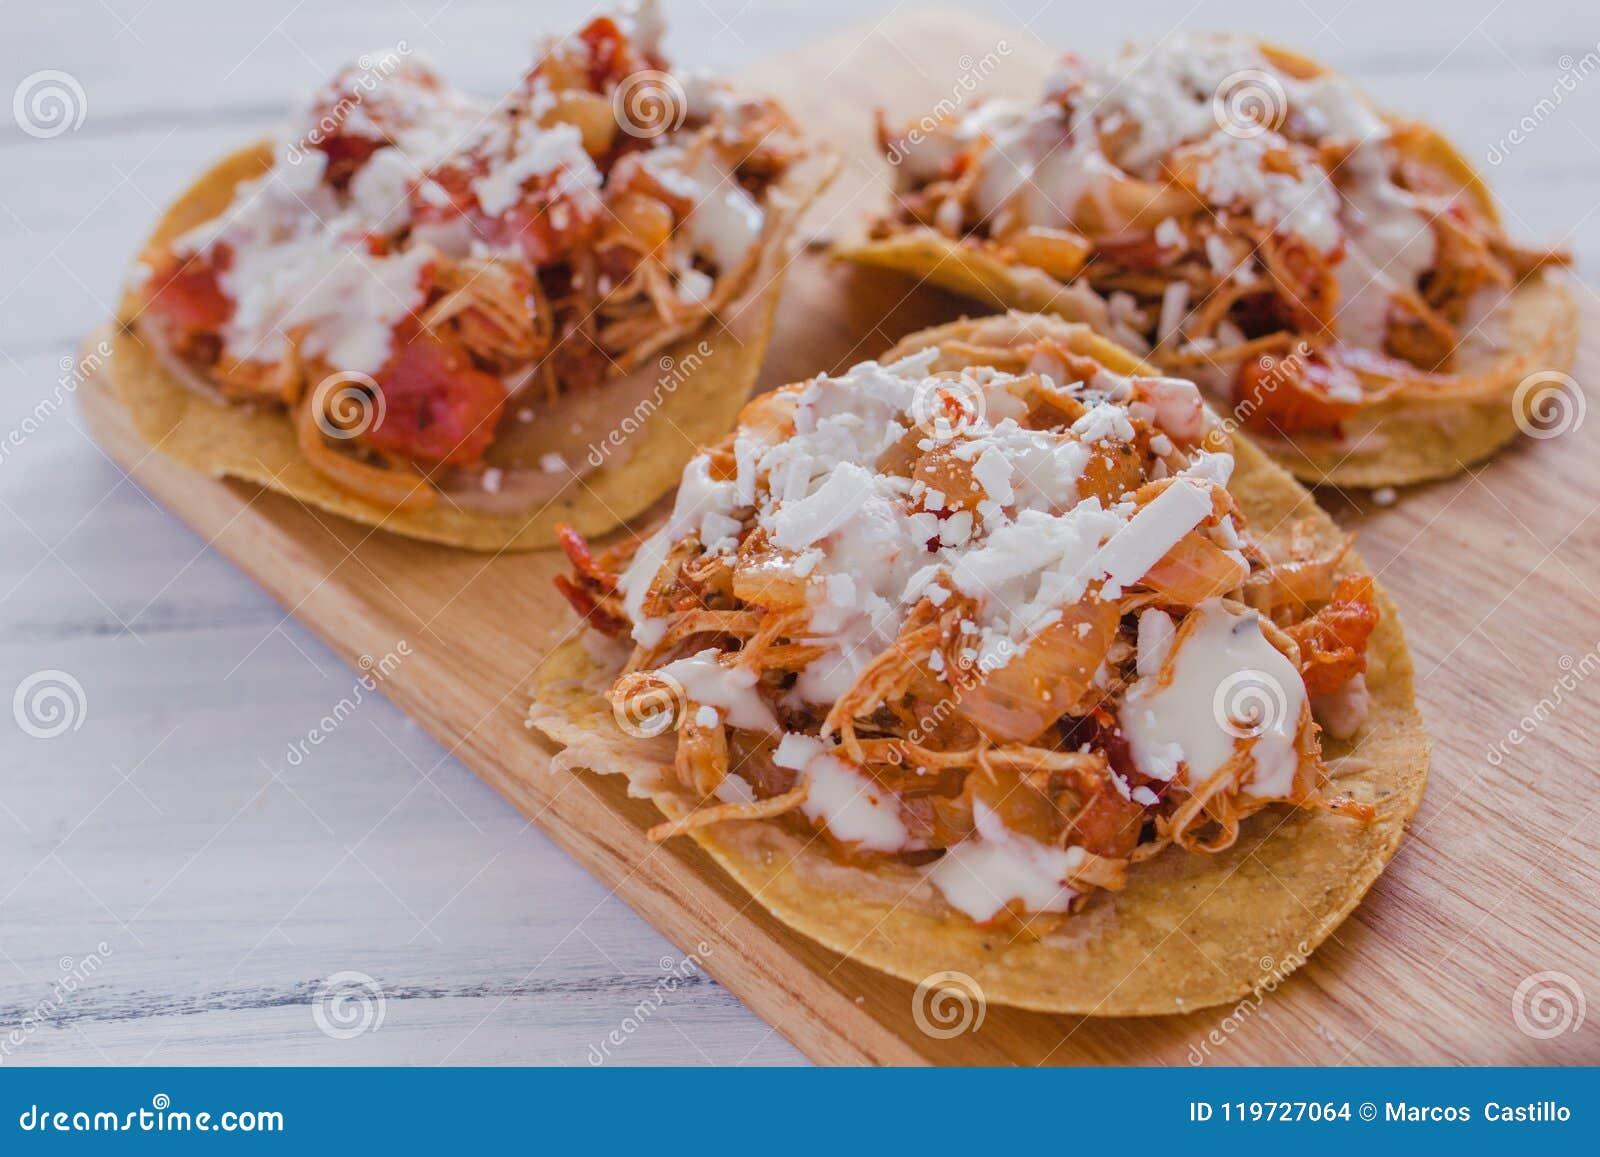 Tostadas Mexicanas com galinha, alimento mexicano de tinga de pollo em México